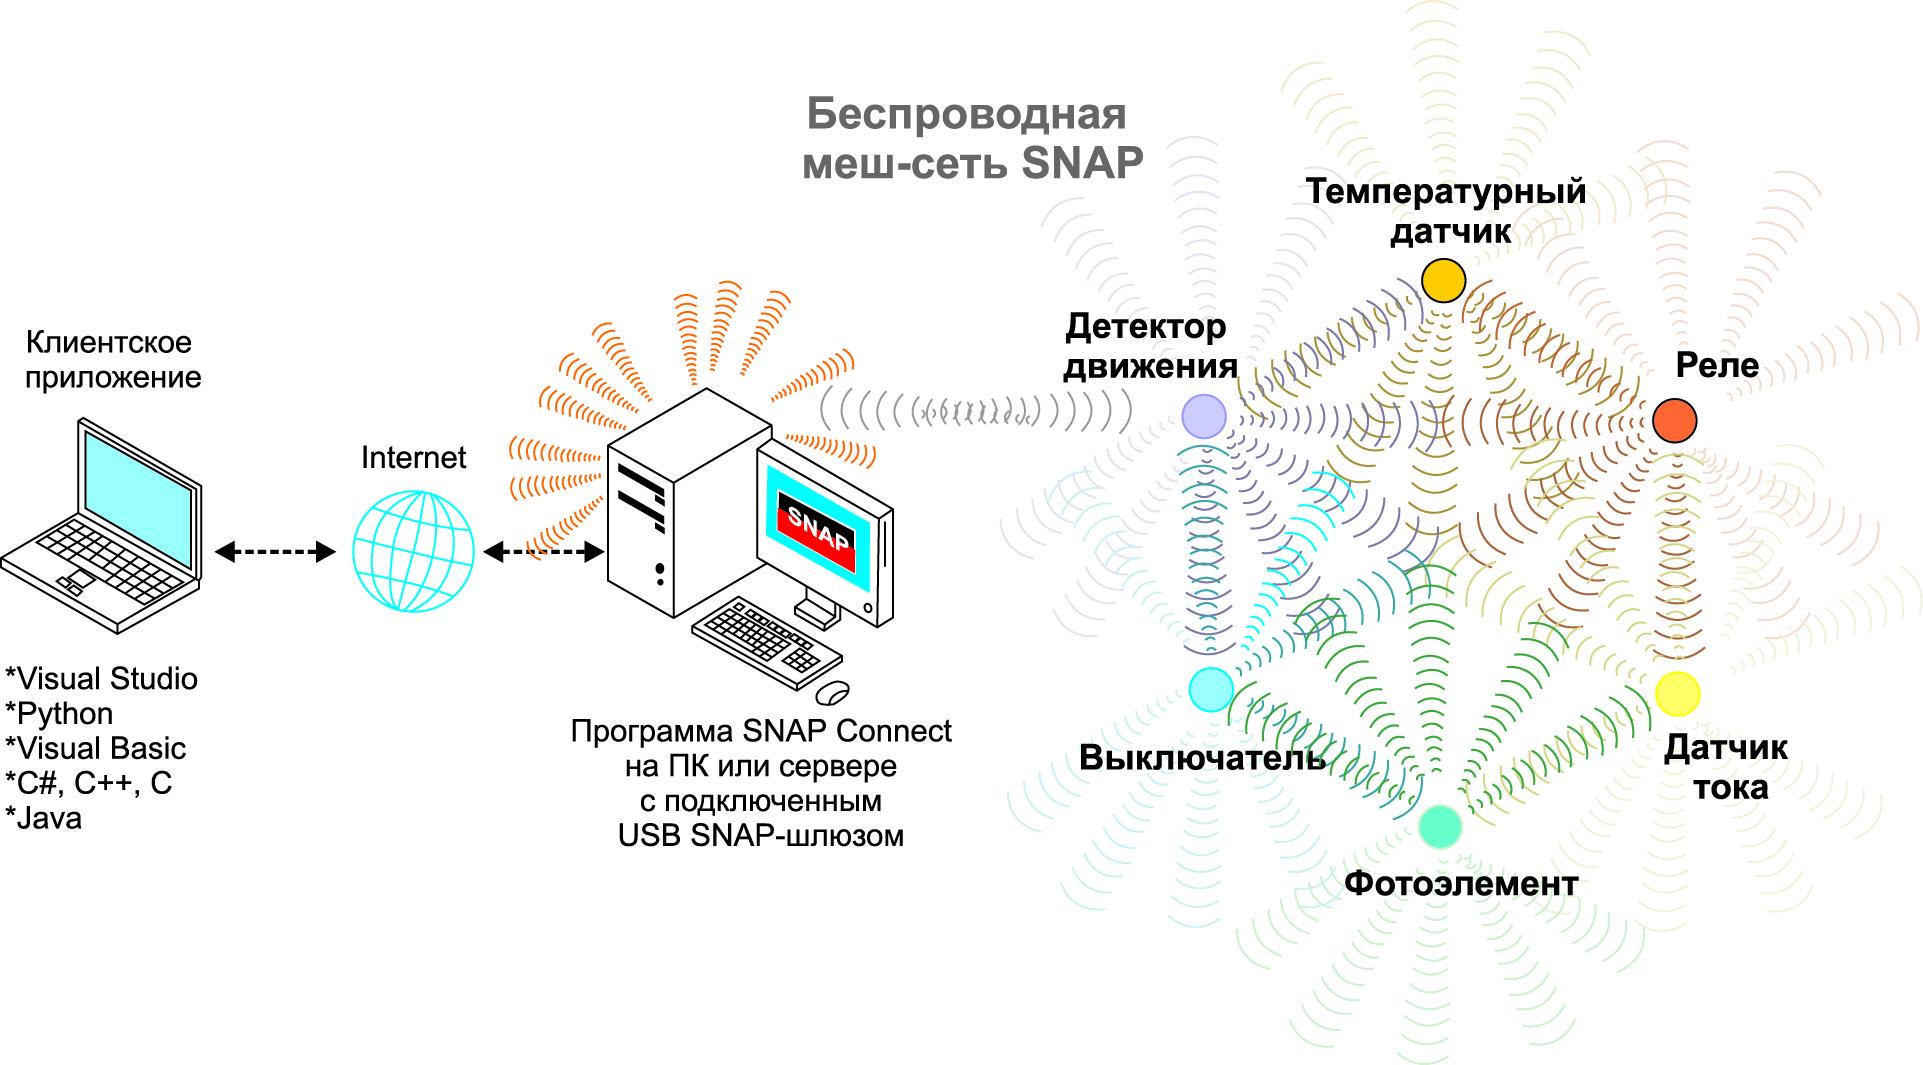 Пример реализации удаленного контроля и управления сетью SNAP с использованием программного интерфейса SNAP Сonnect